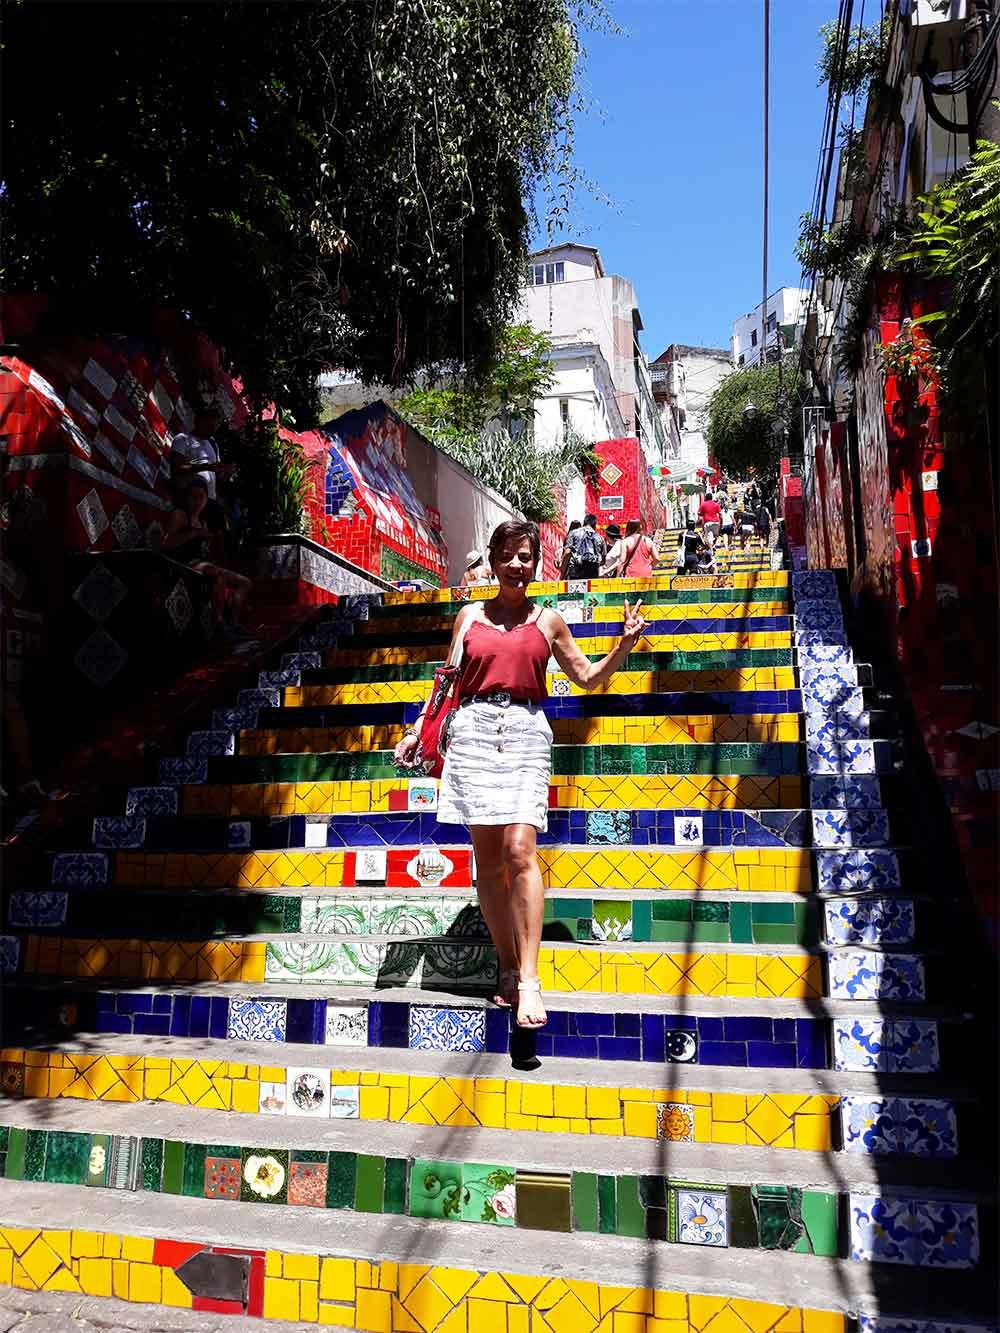 Escalier-Selaron-Les-Jolies-Quinquas